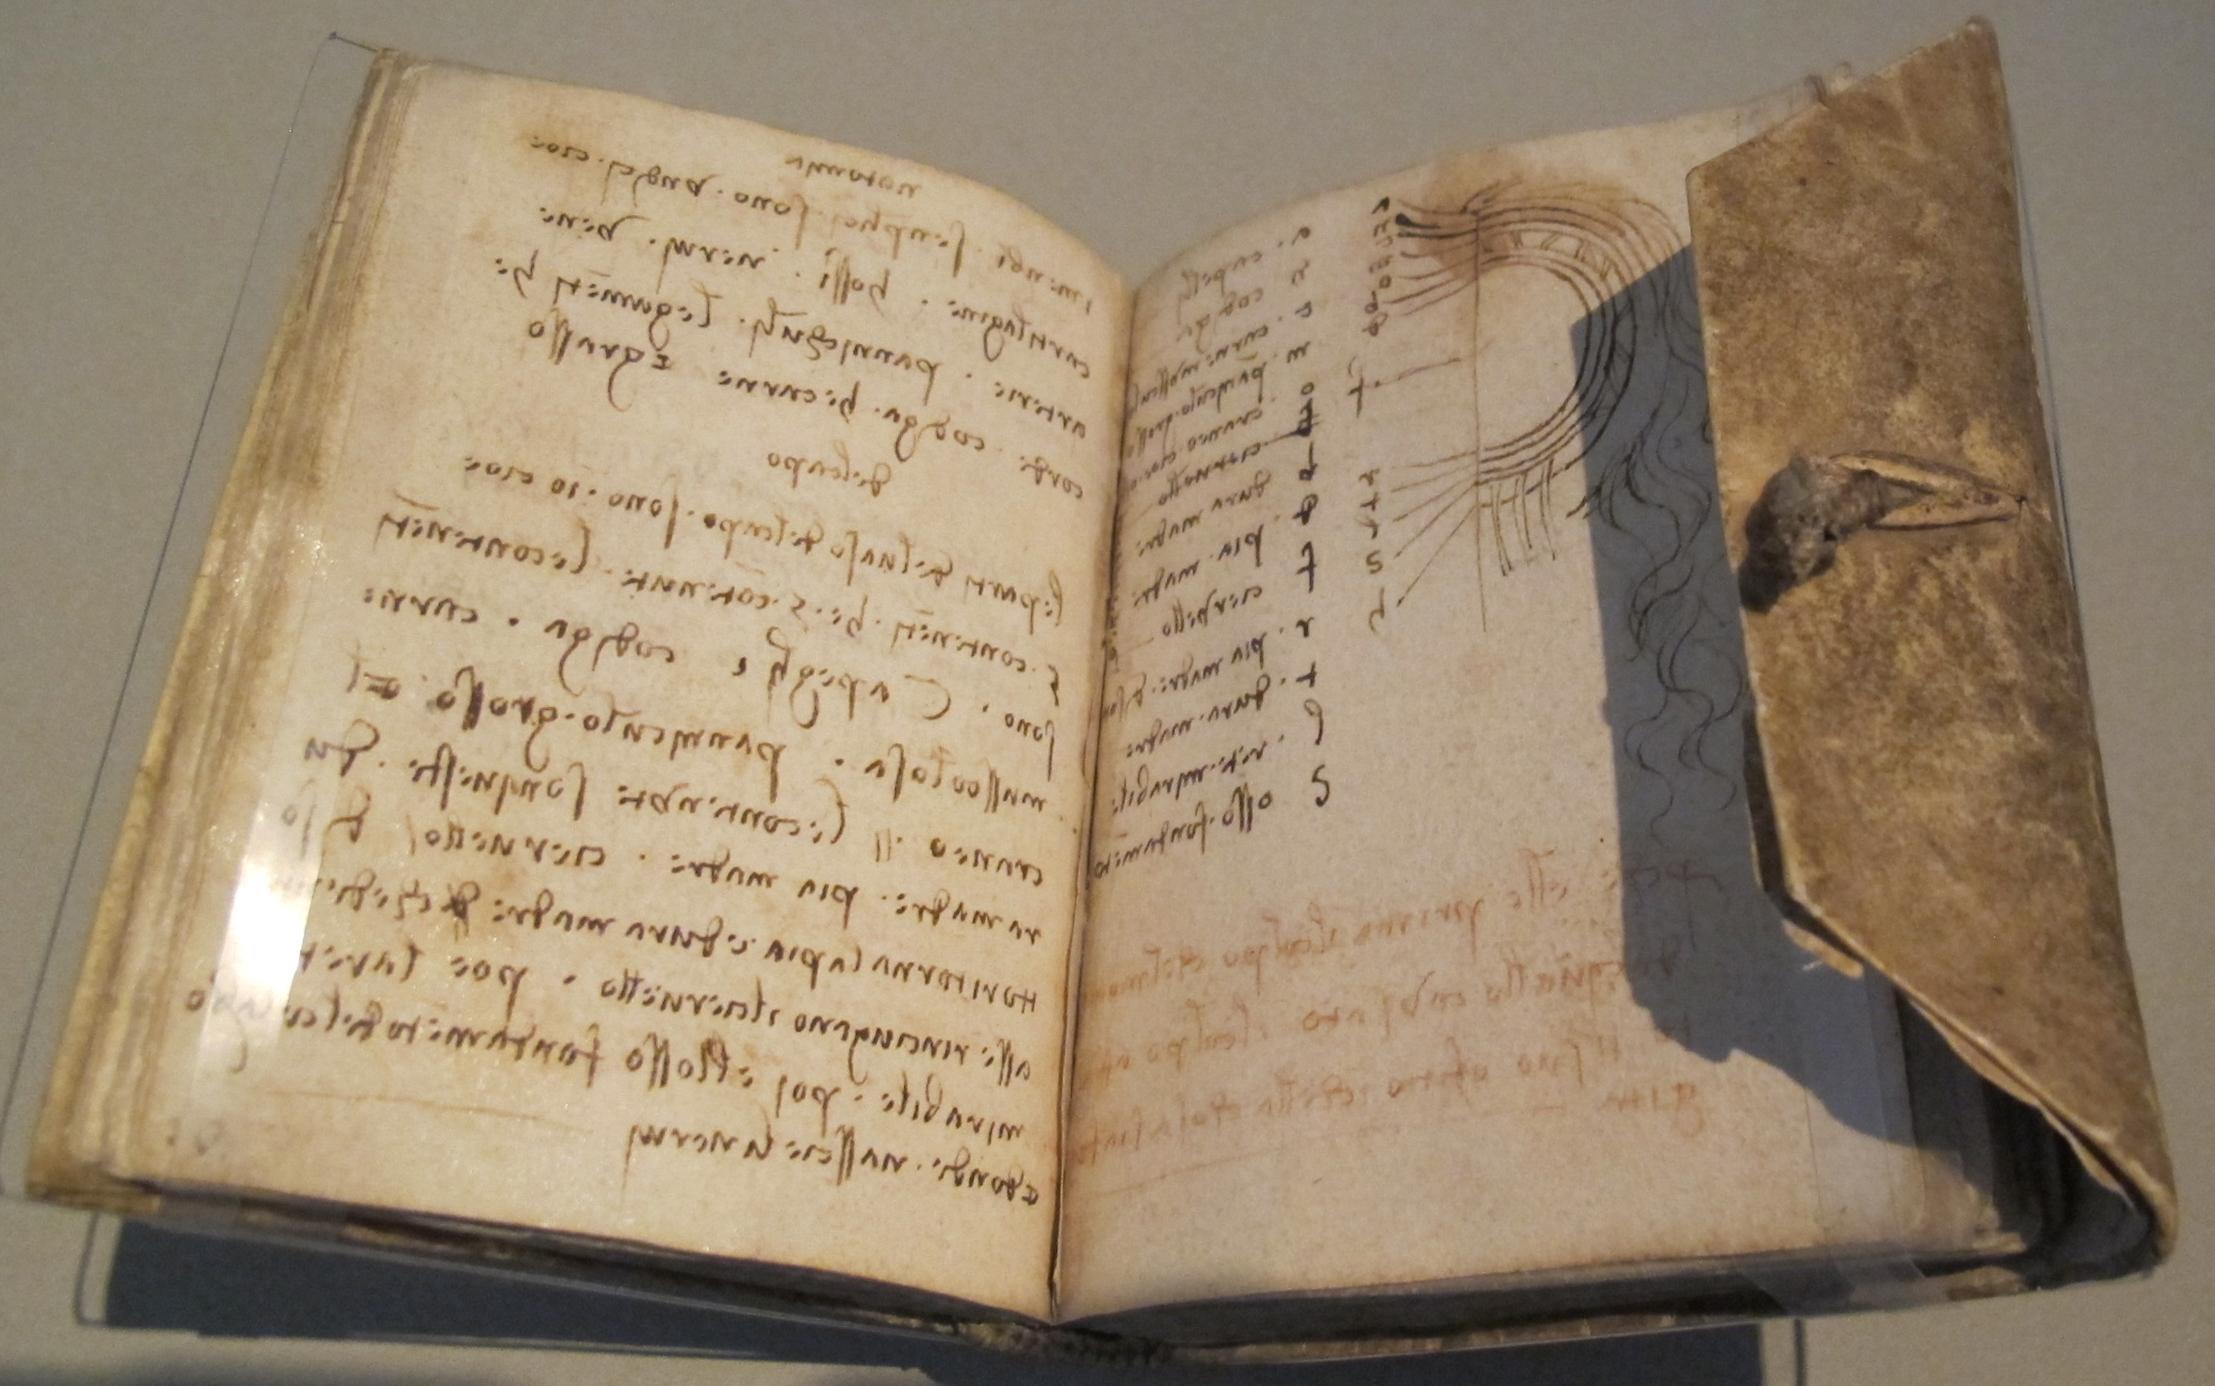 Codex leonardo da vinci pdf merge